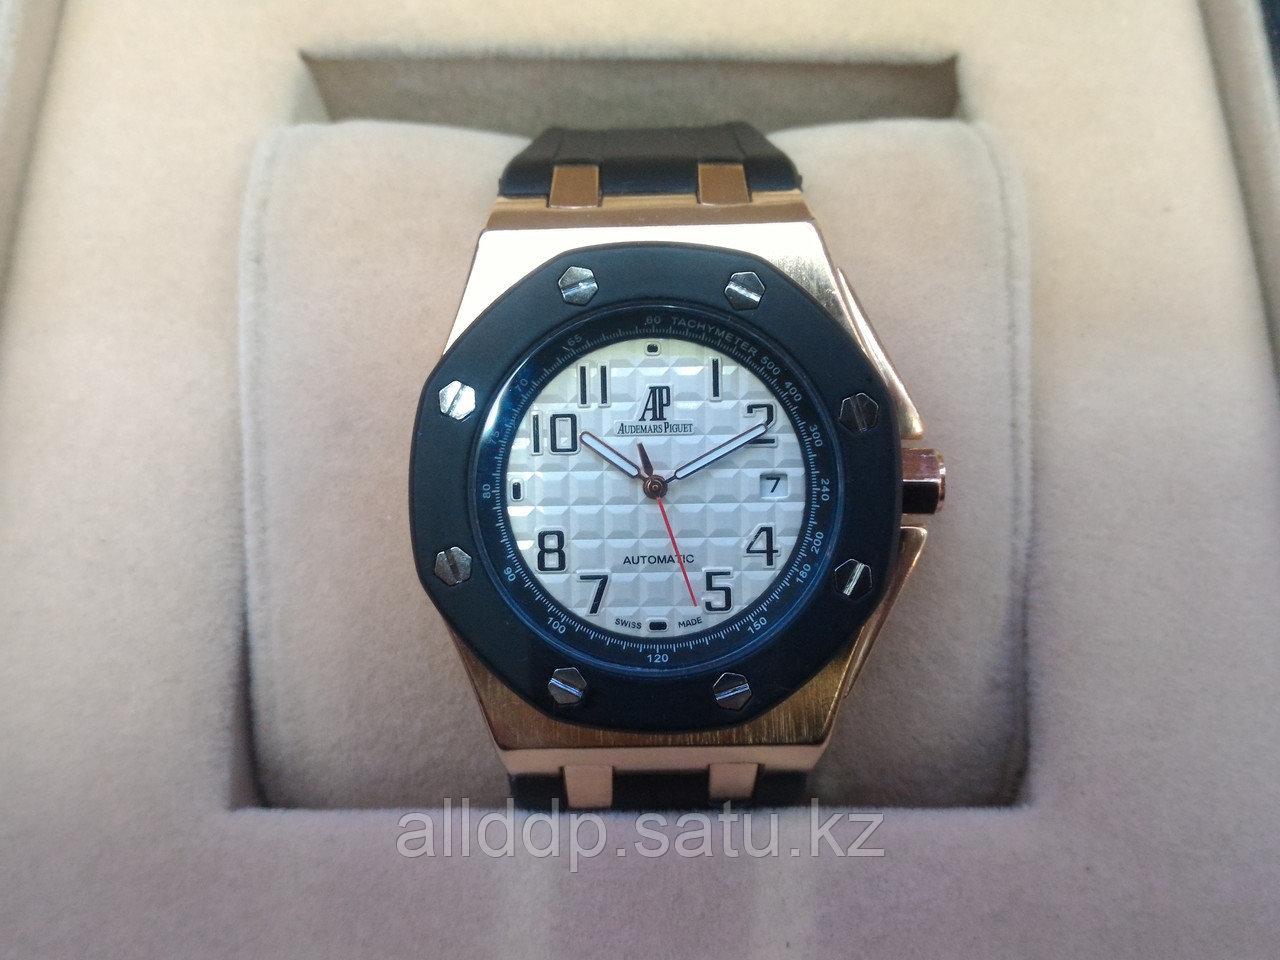 Часы мужские Audemars Piguet 0020-1